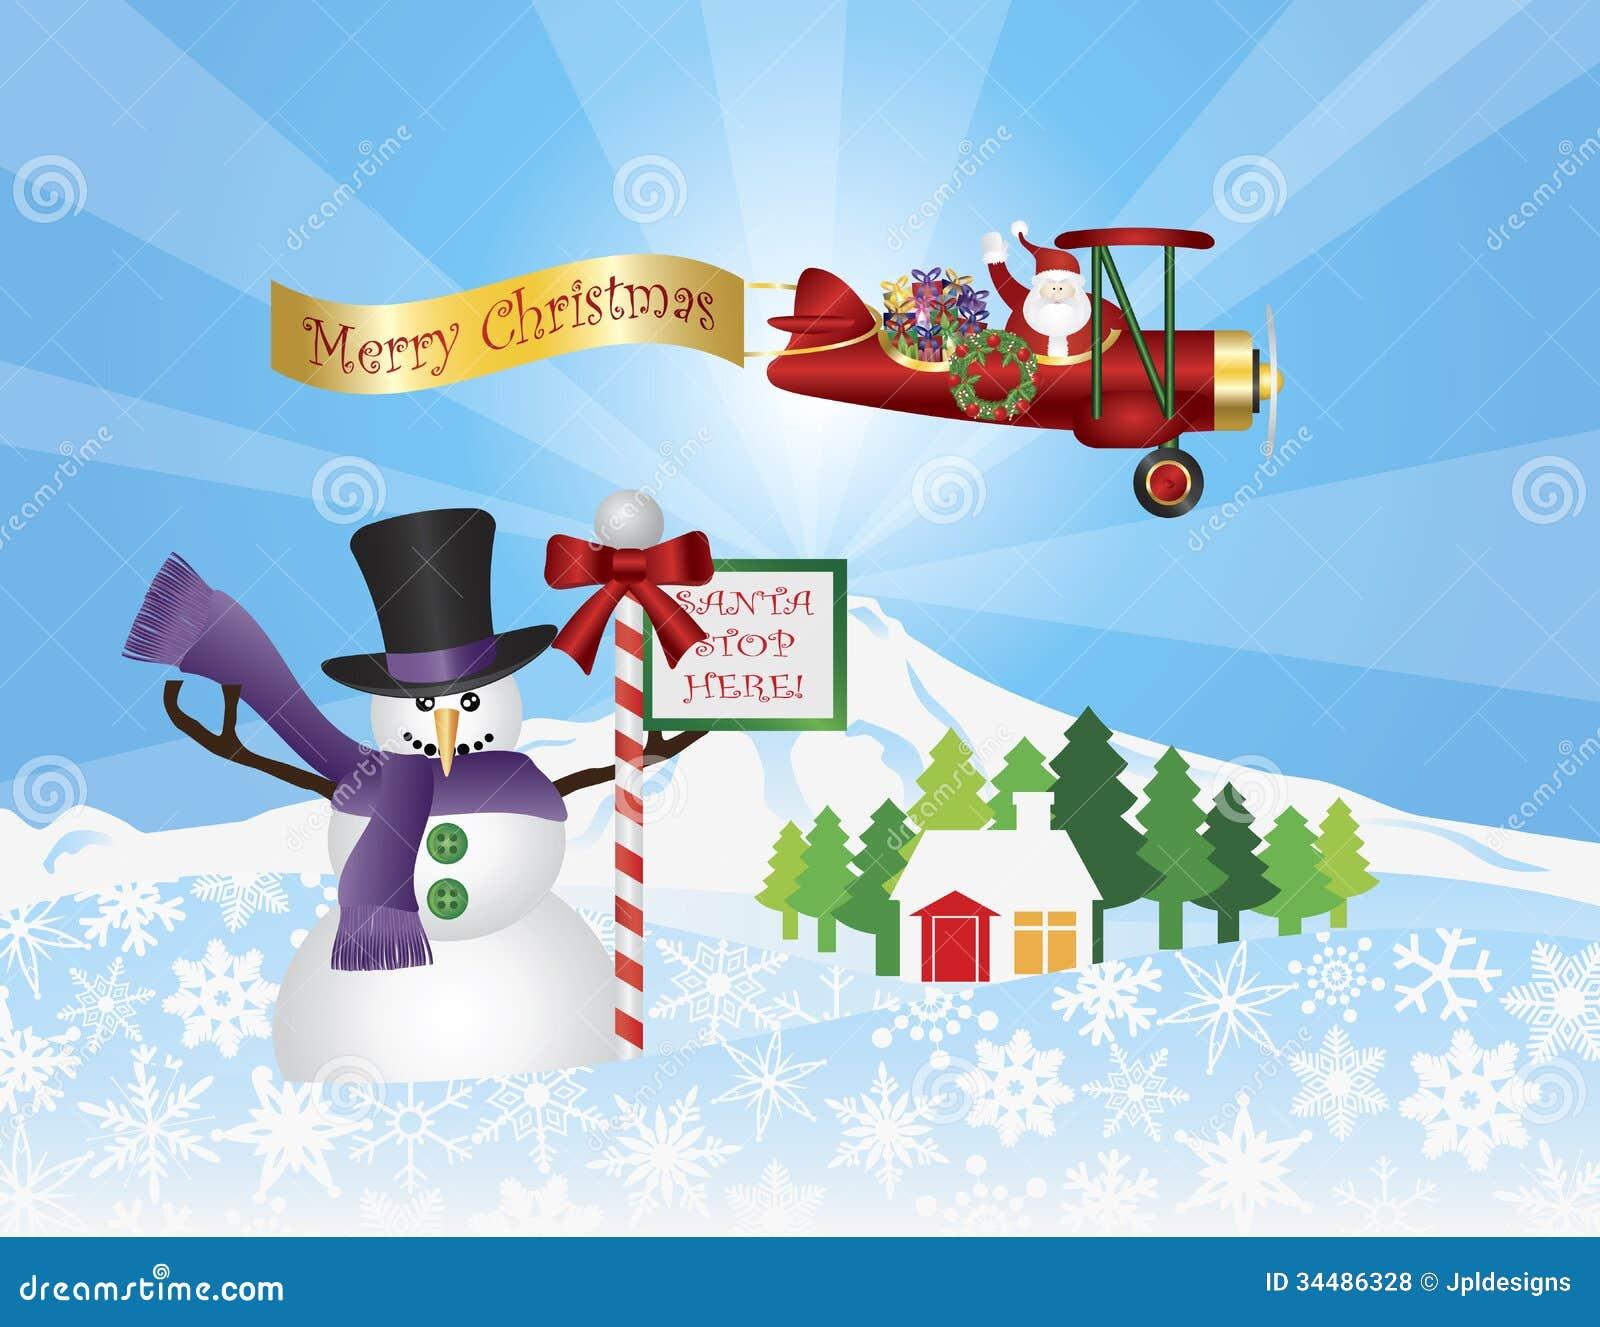 santa in plane flying over snow scene stock vector illustration of